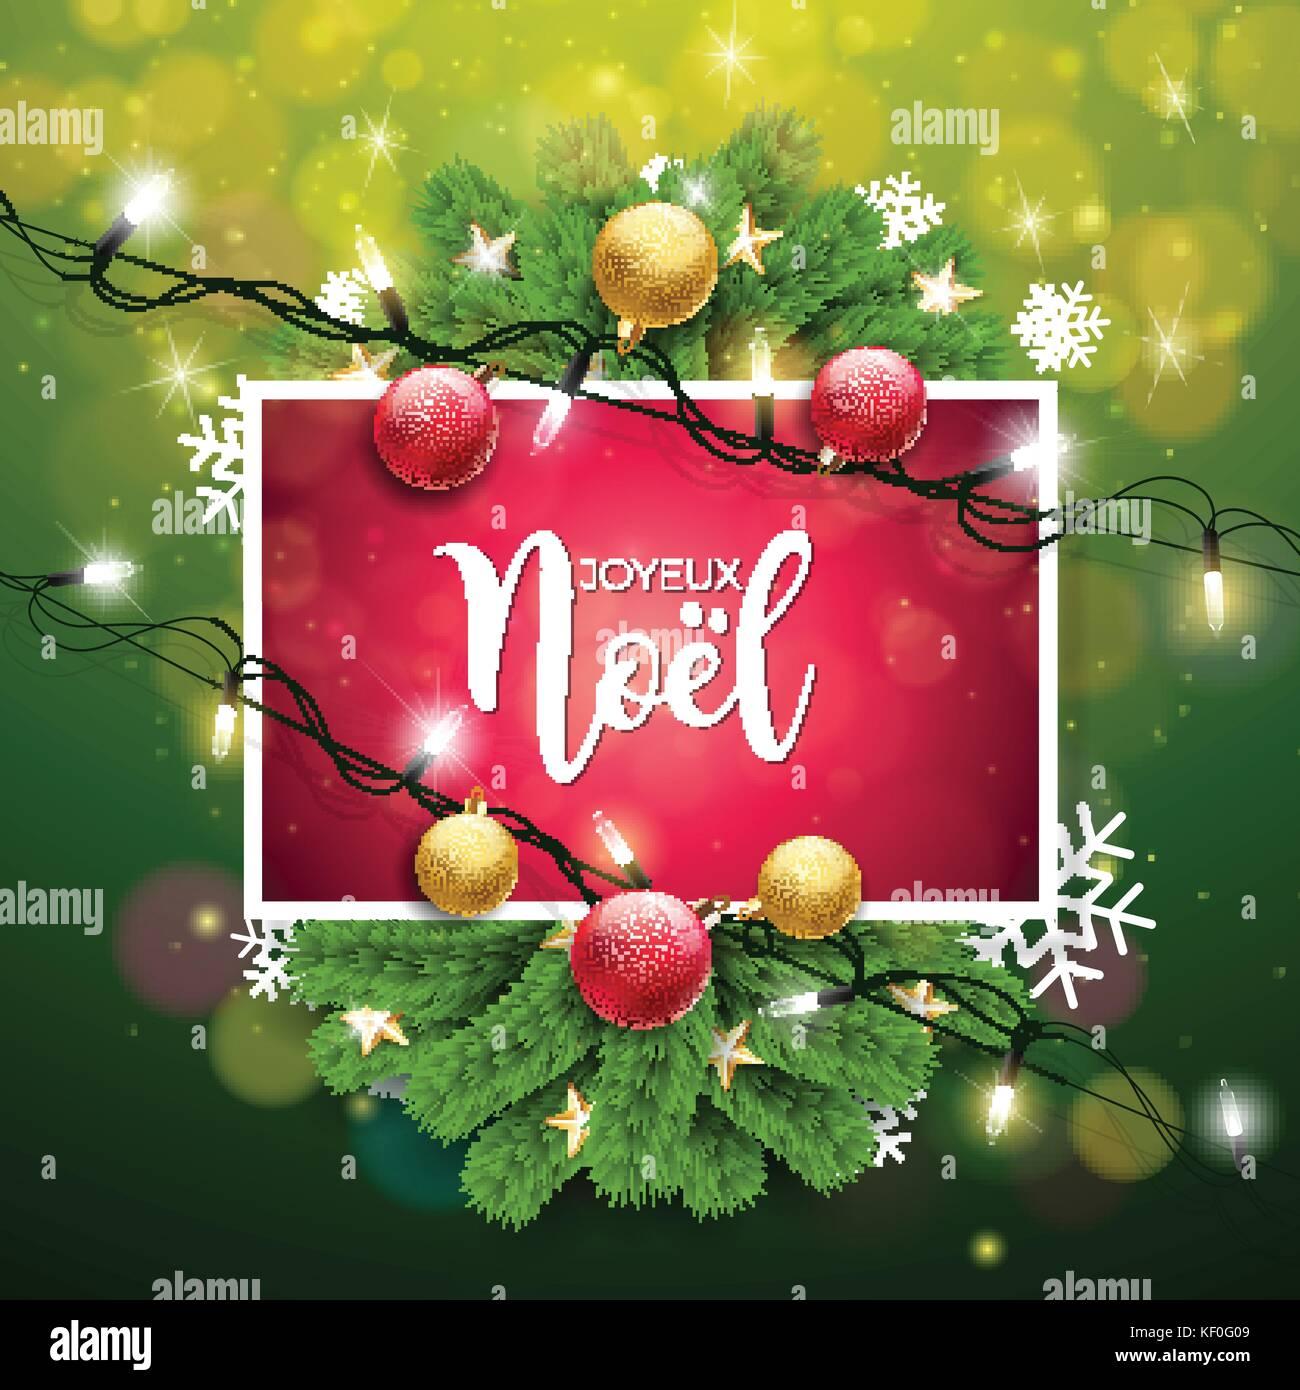 Weihnachtsgrüße In Französisch.Vektor Weihnachten Abbildung Mit Französisch Joyeux Noel Typographie